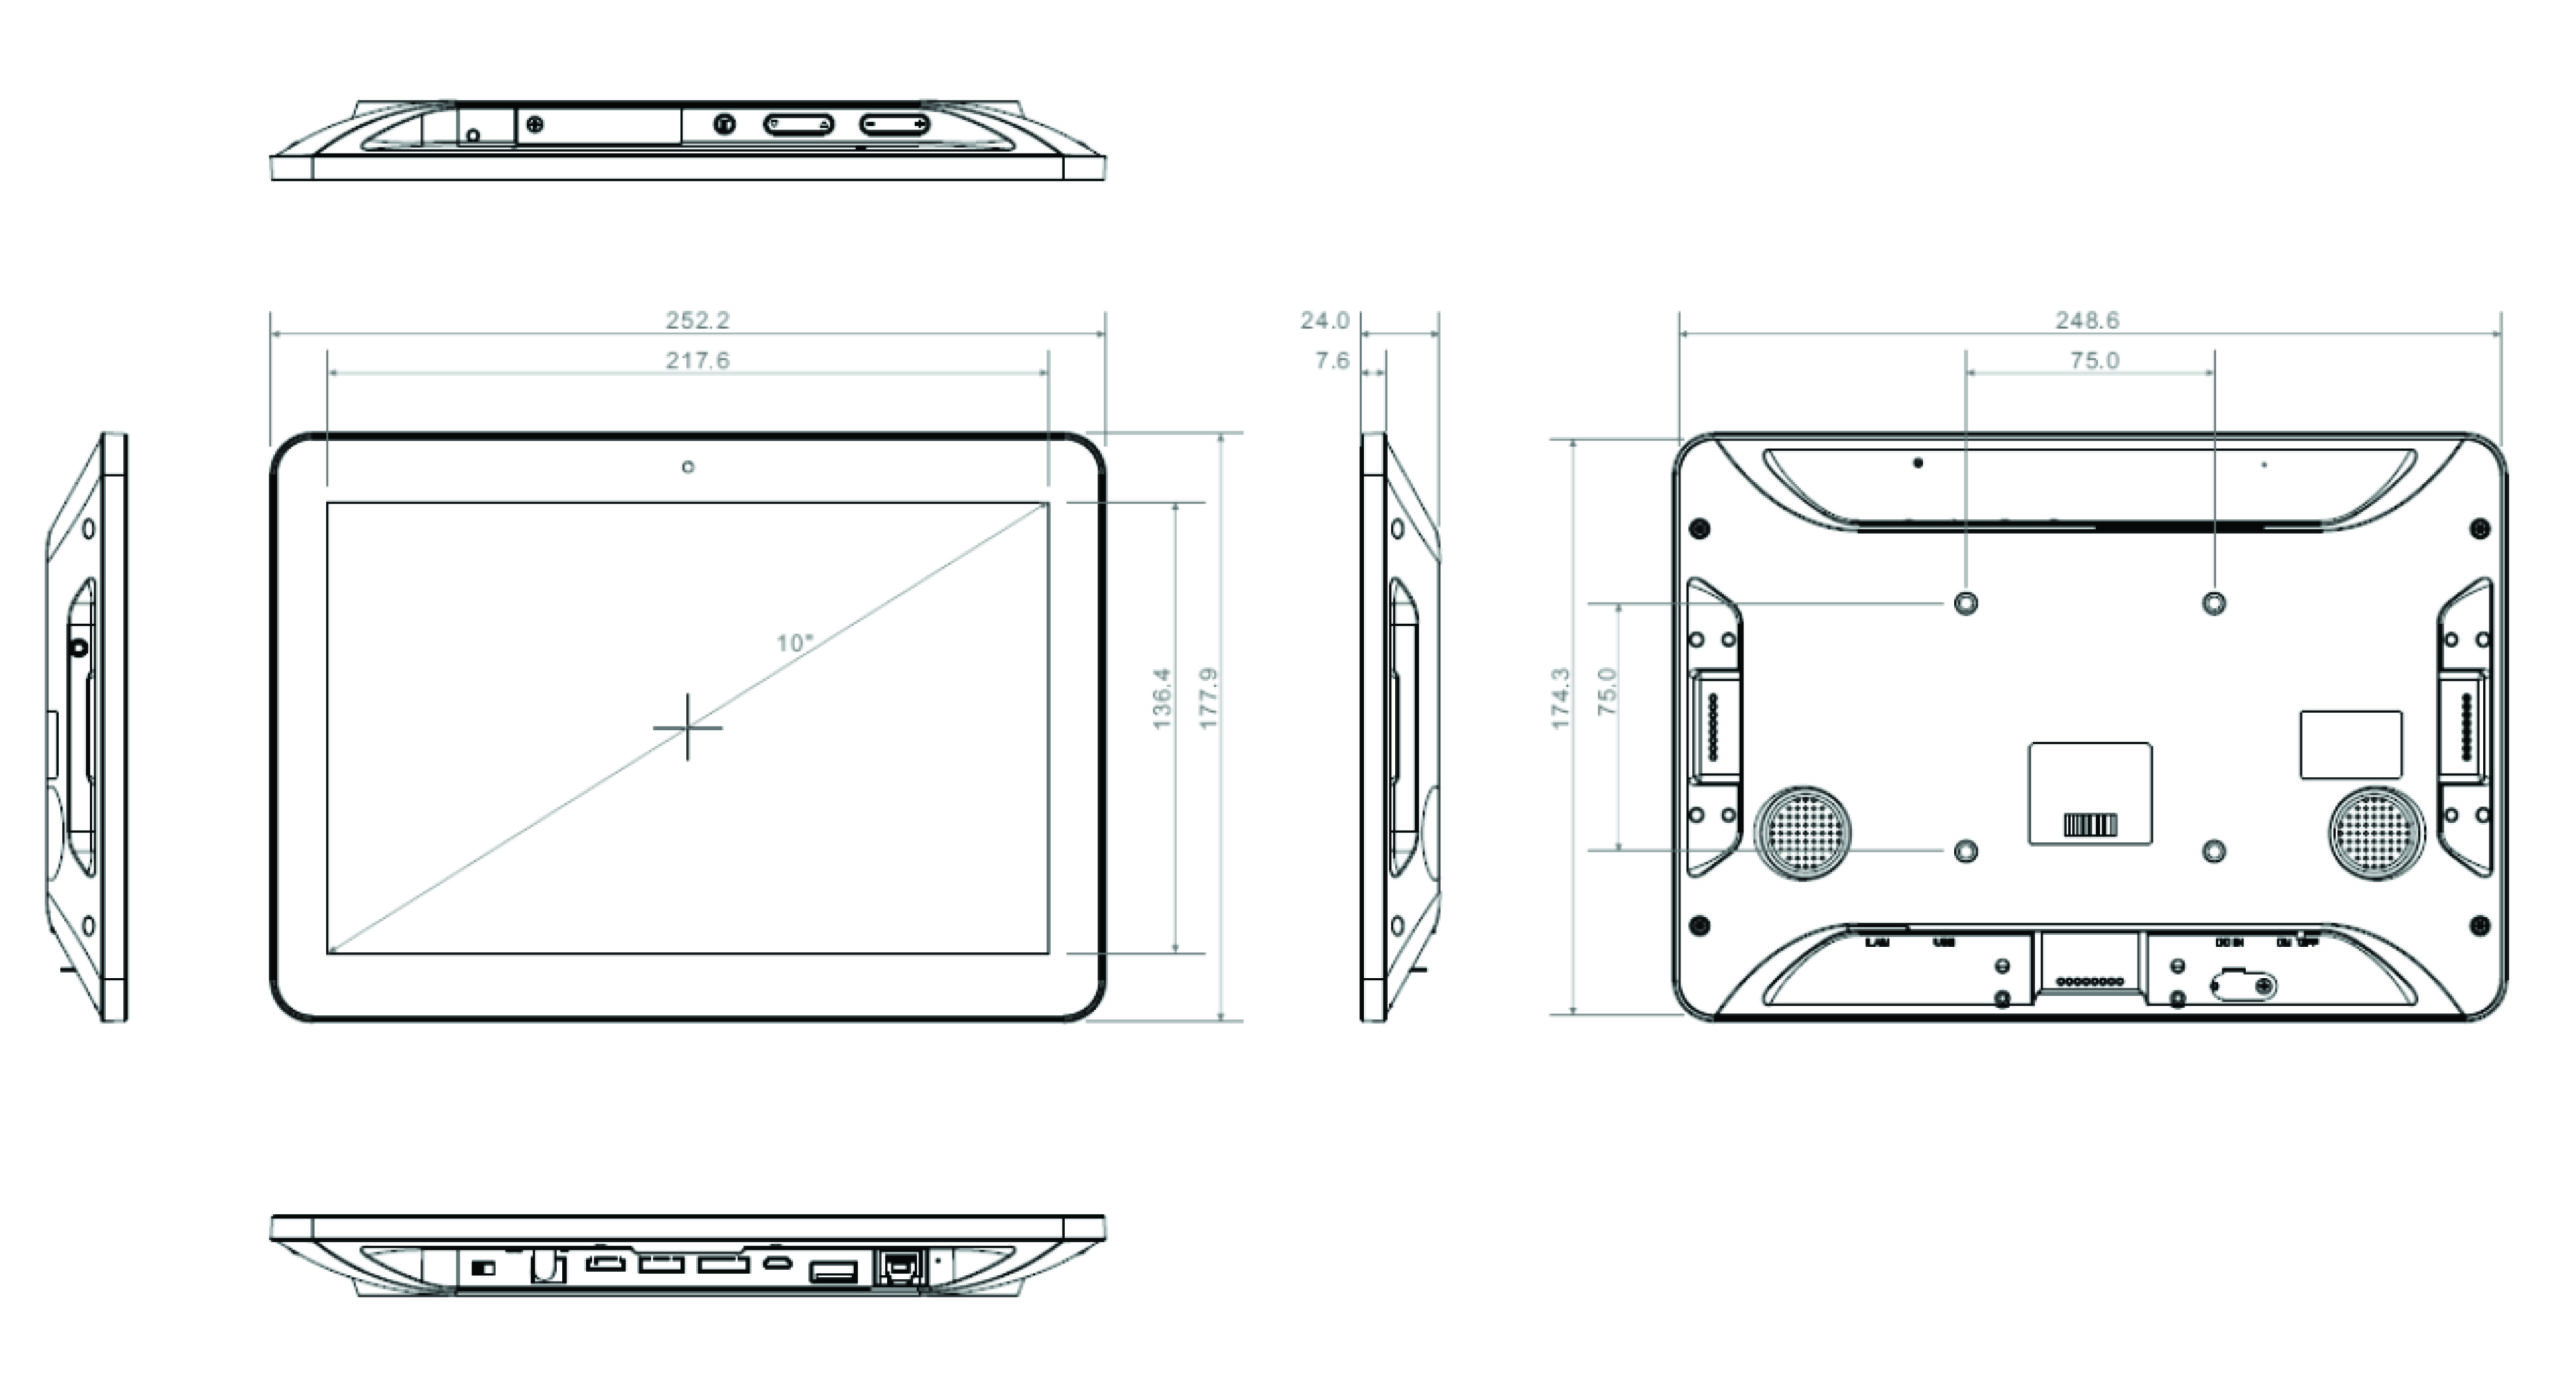 TP-A950-10 2D Drawing